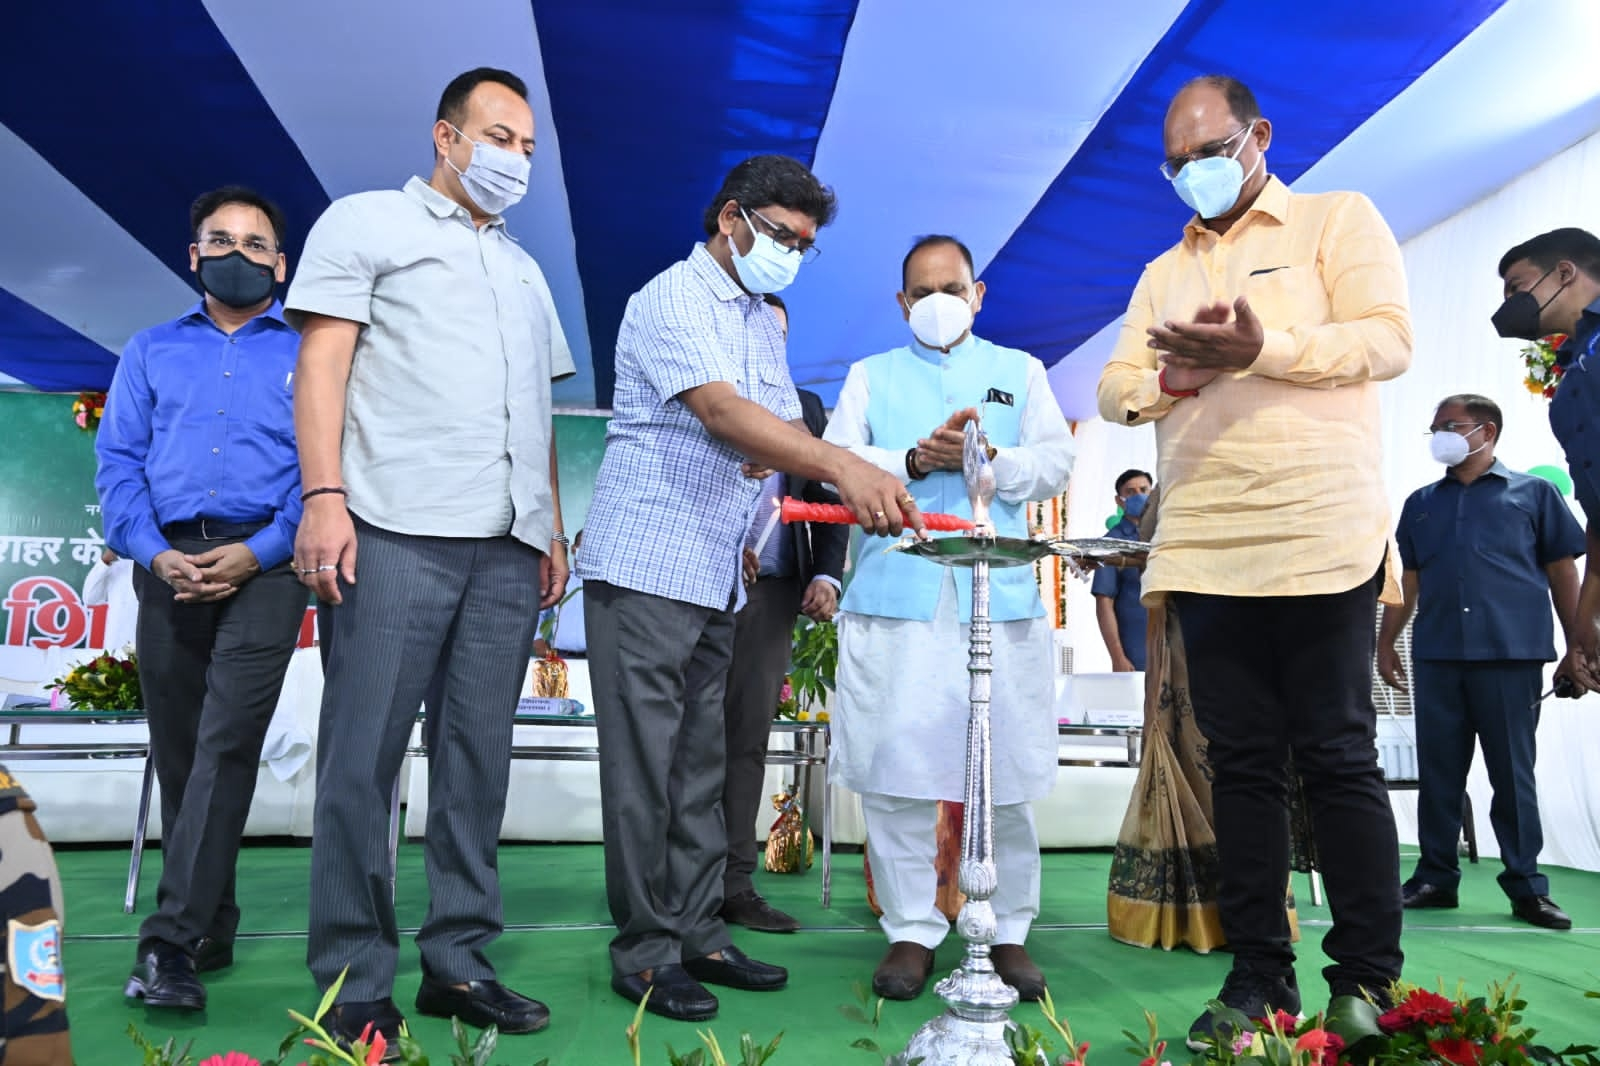 <p>नगर विकास एवं आवास विभाग के अंतर्गत रांची शहर के विभिन्न विकास परियोजनाओं के शिलान्यास कार्यक्रम में सम्मिलित हुए मुख्यमंत्री श्री हेमन्त सोरेन।</p>